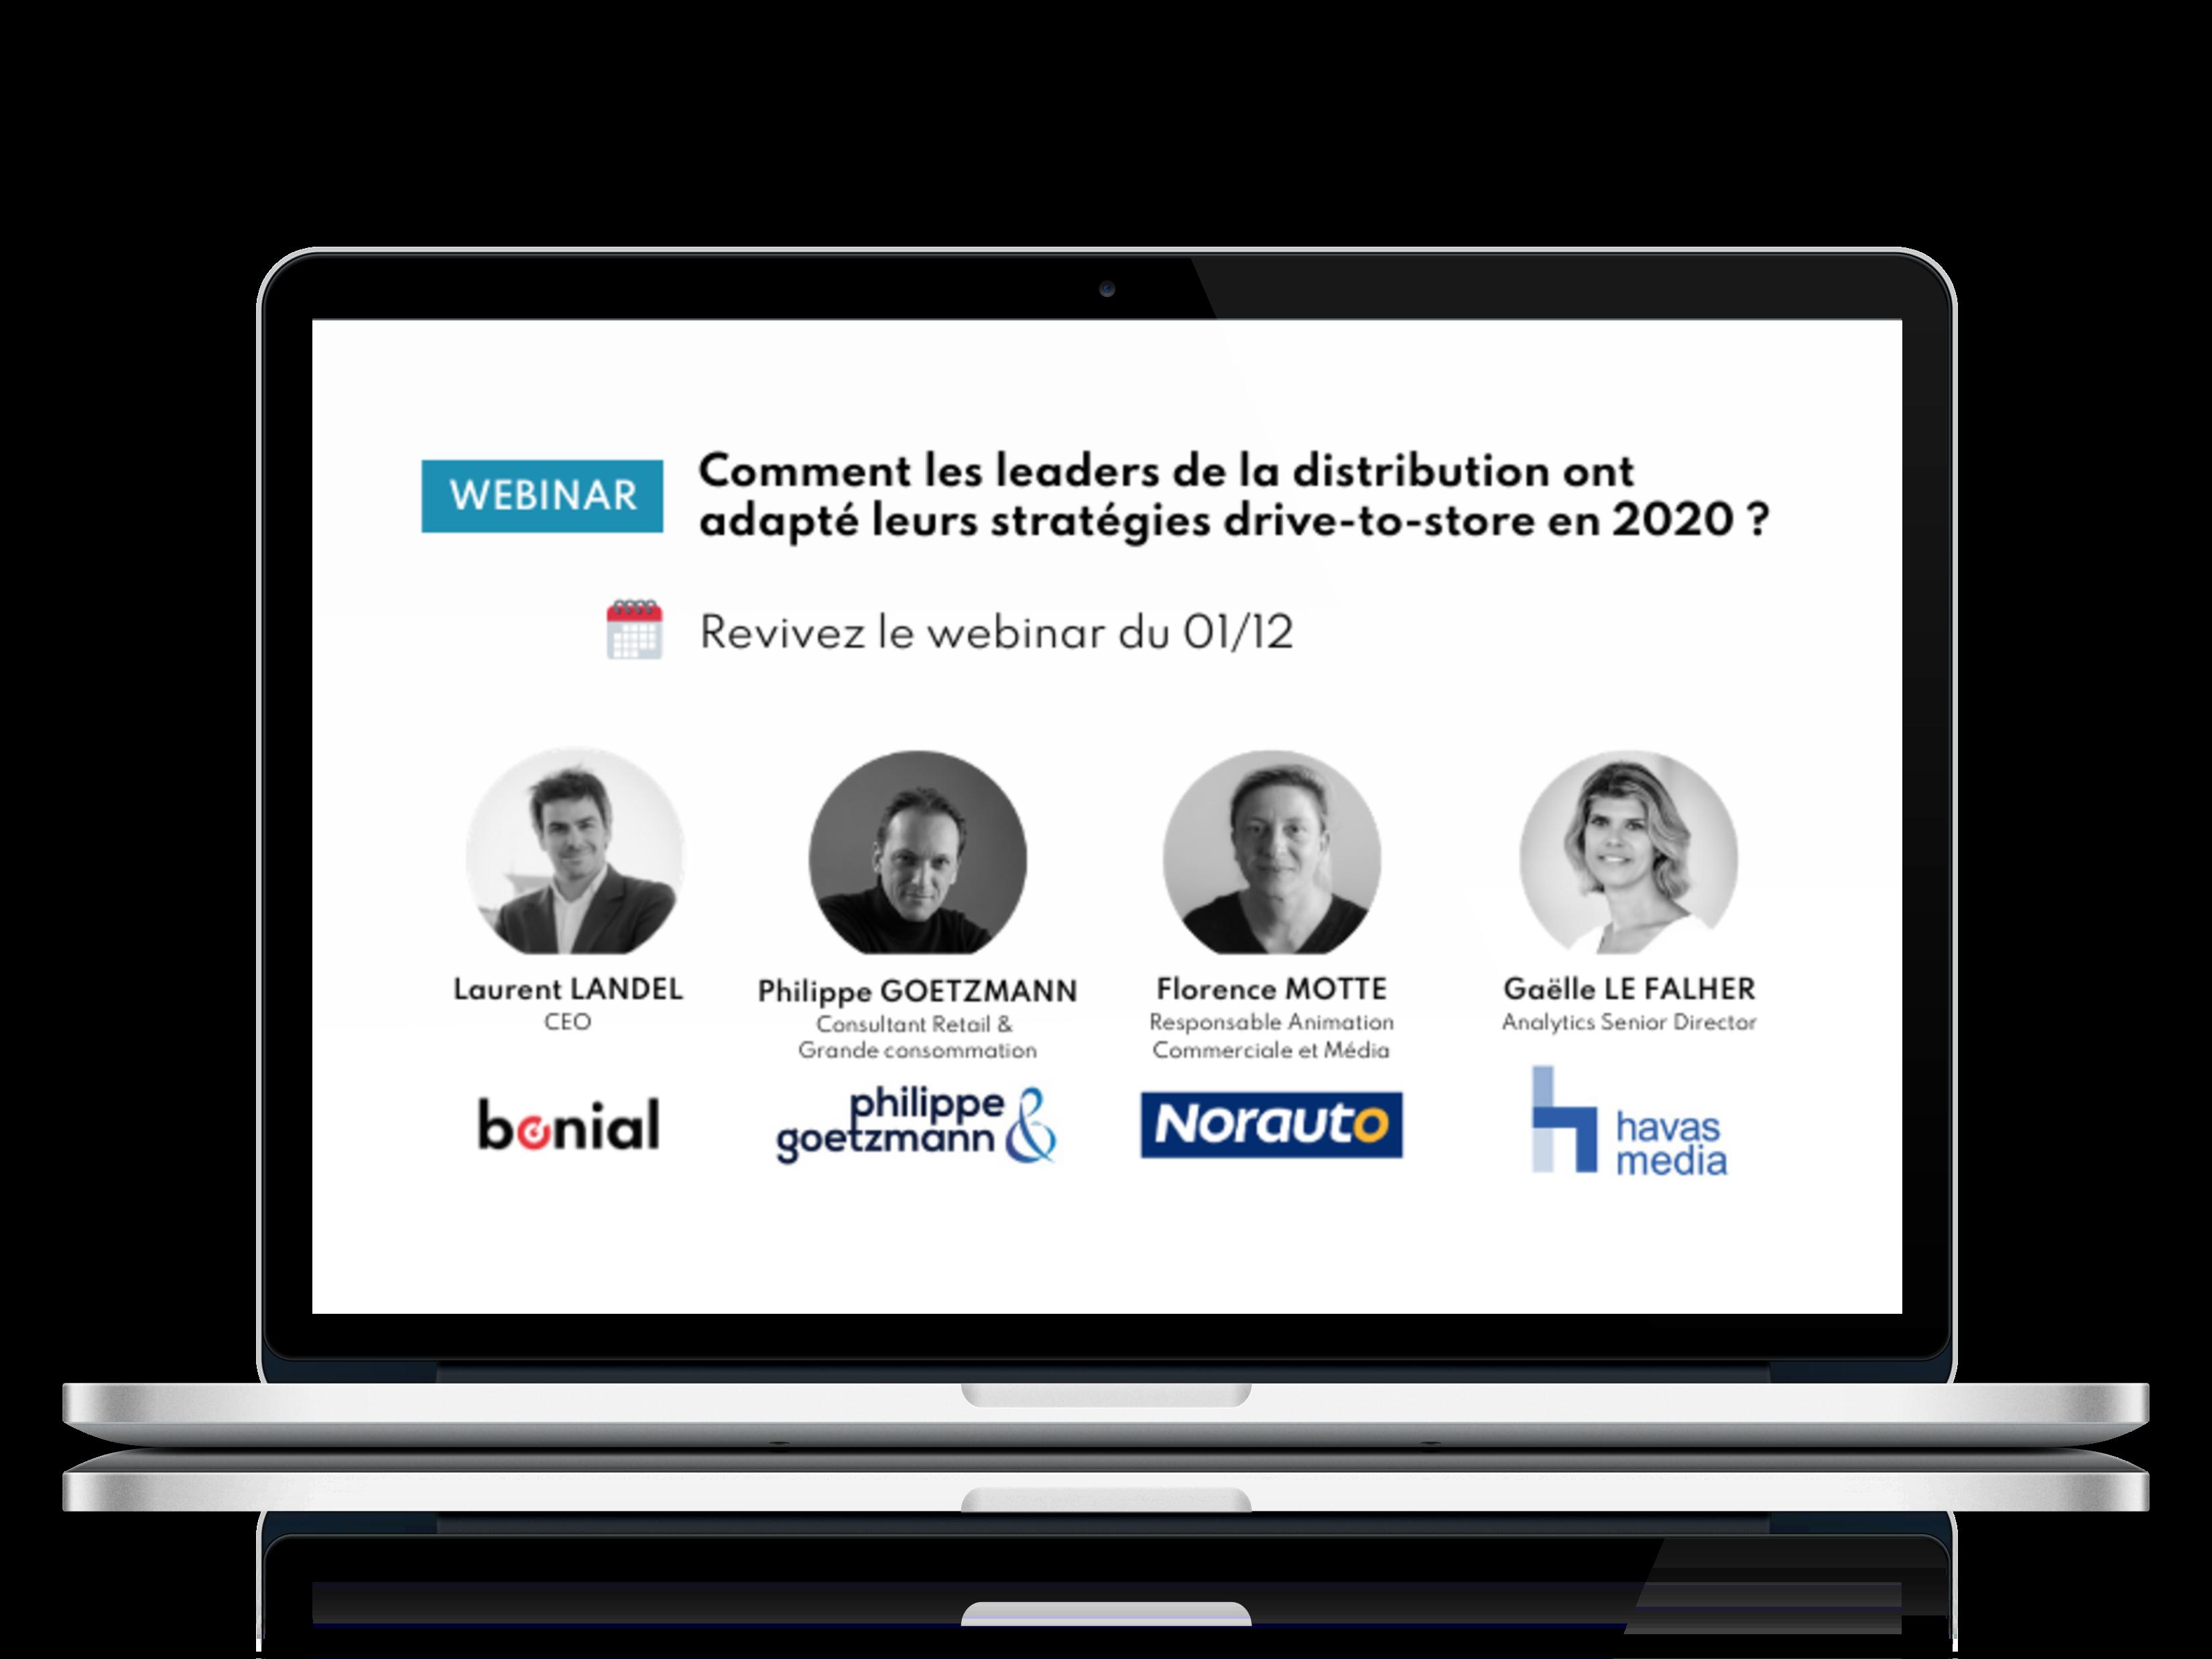 Comment les leaders de la distribution ont adapté leurs stratégies drive-to-store en 2020 ?